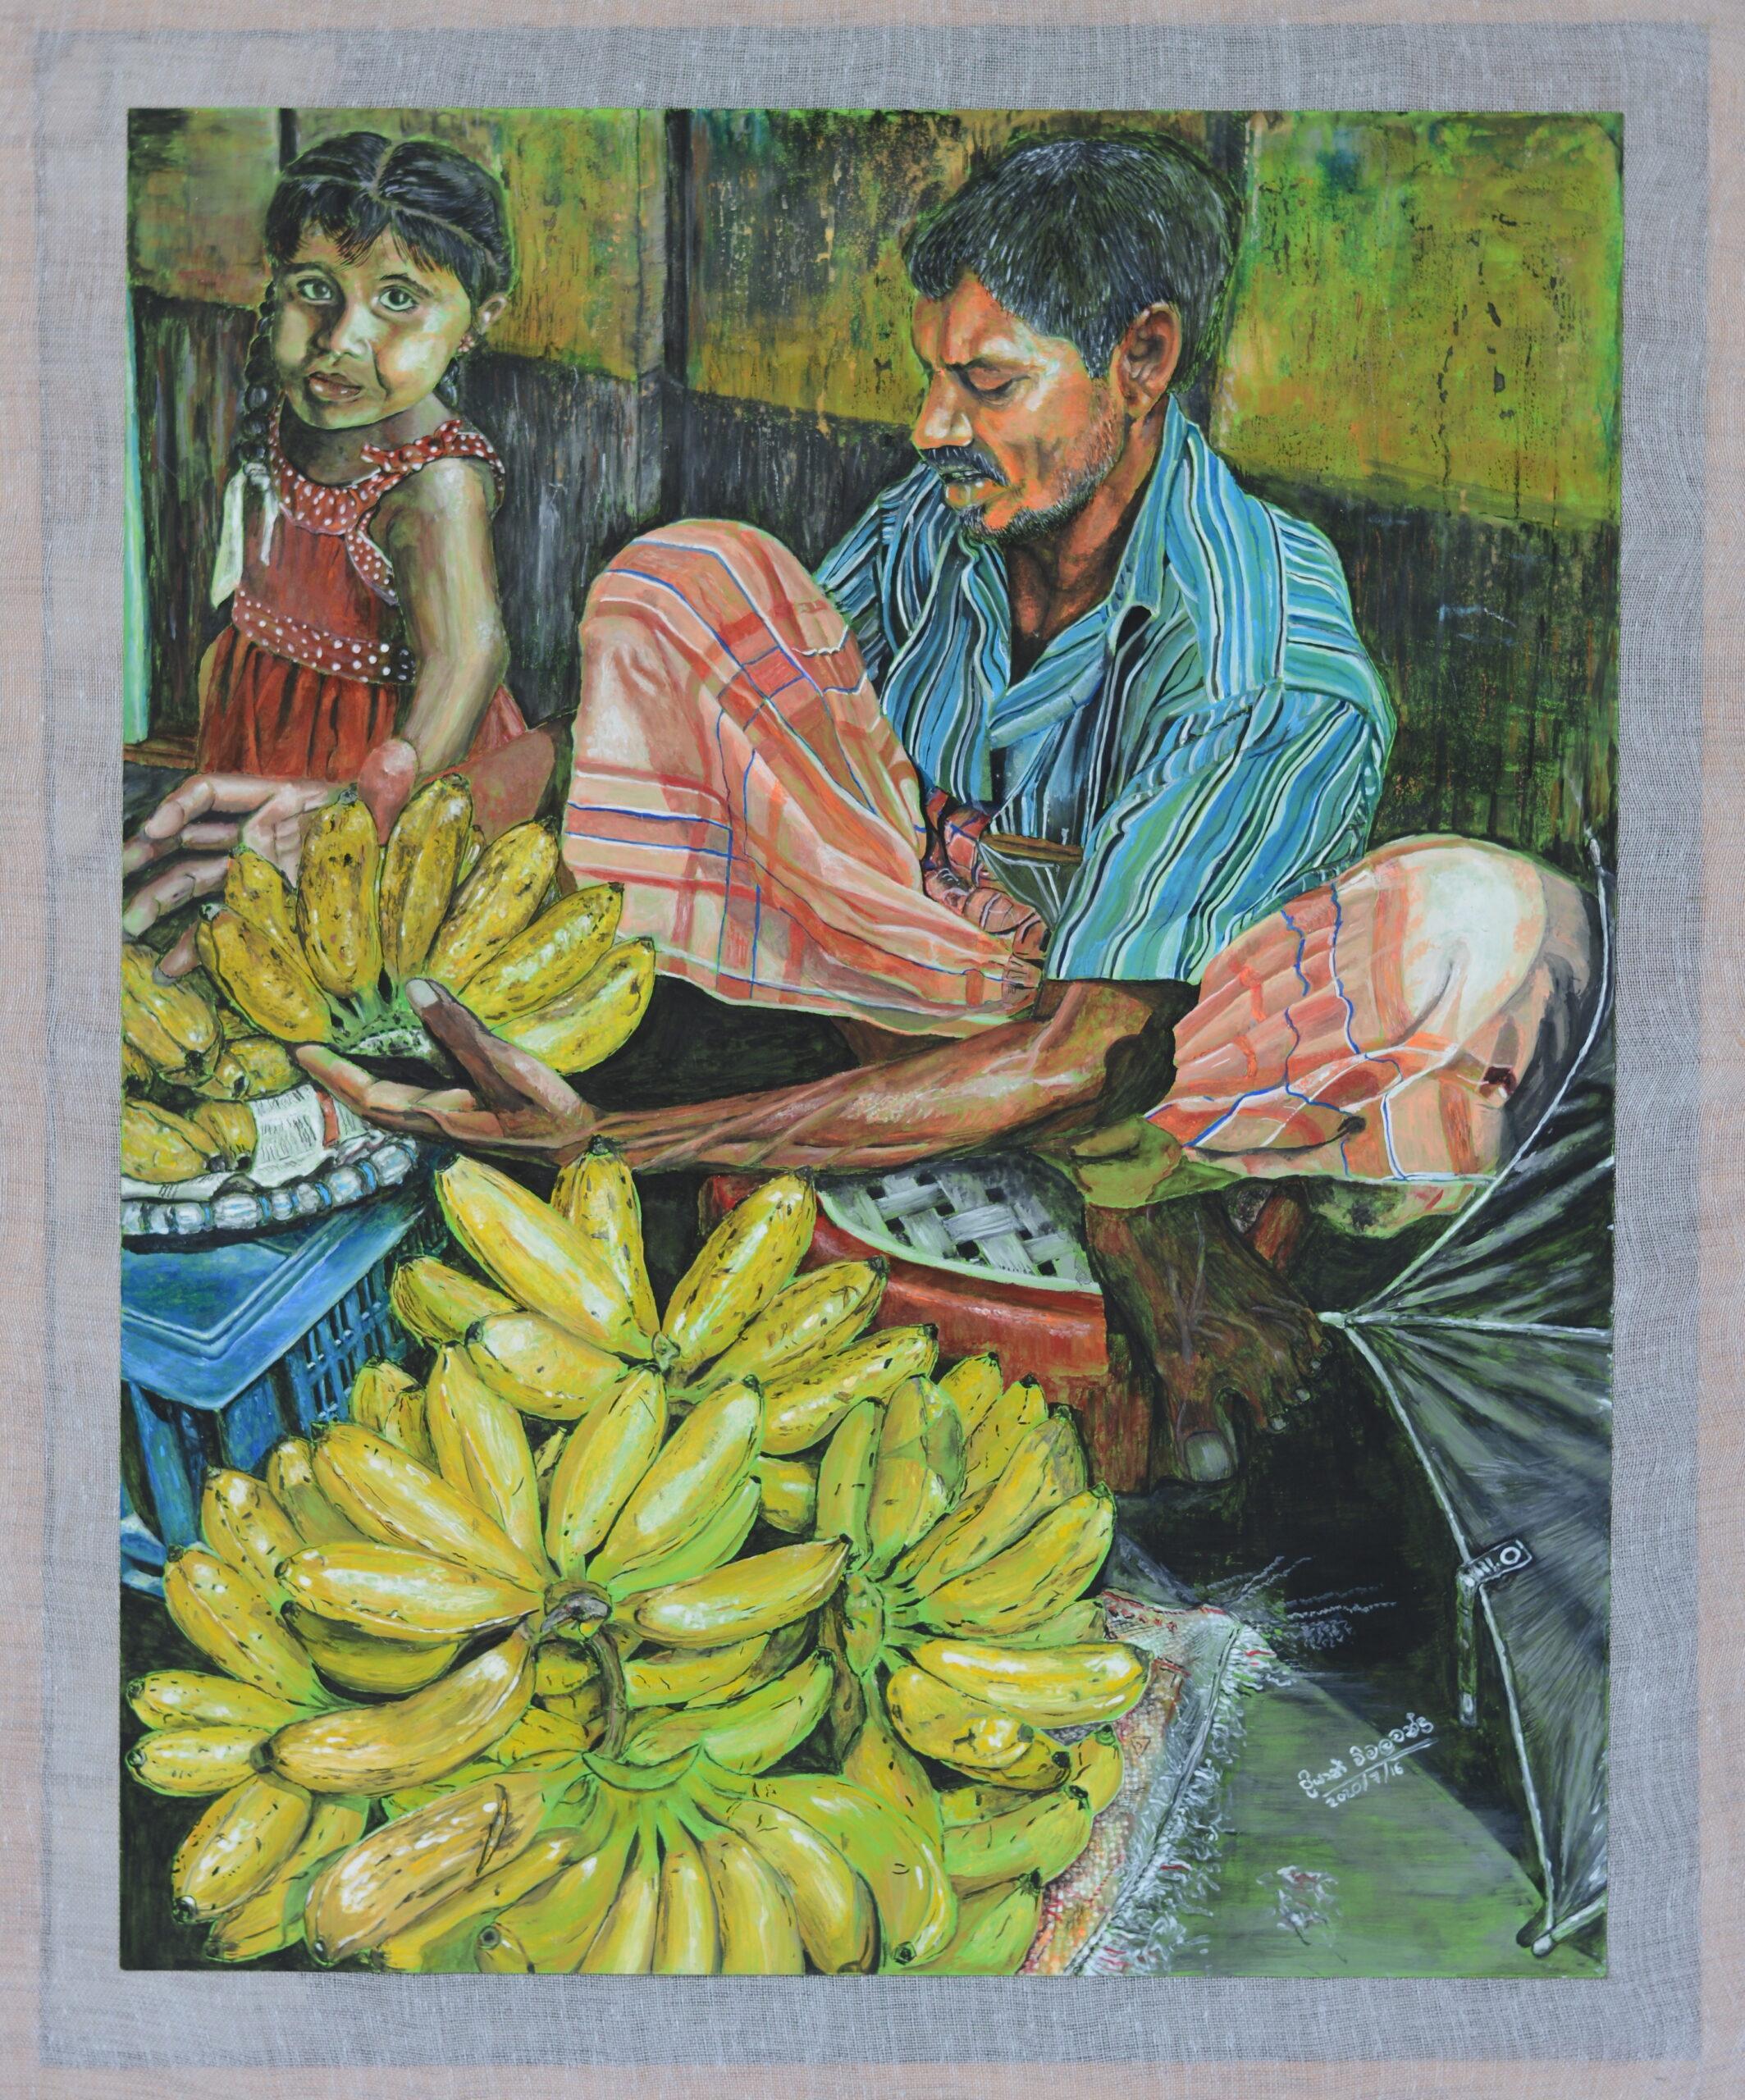 Banana seller and his daughter_Priyan Wimalachandra